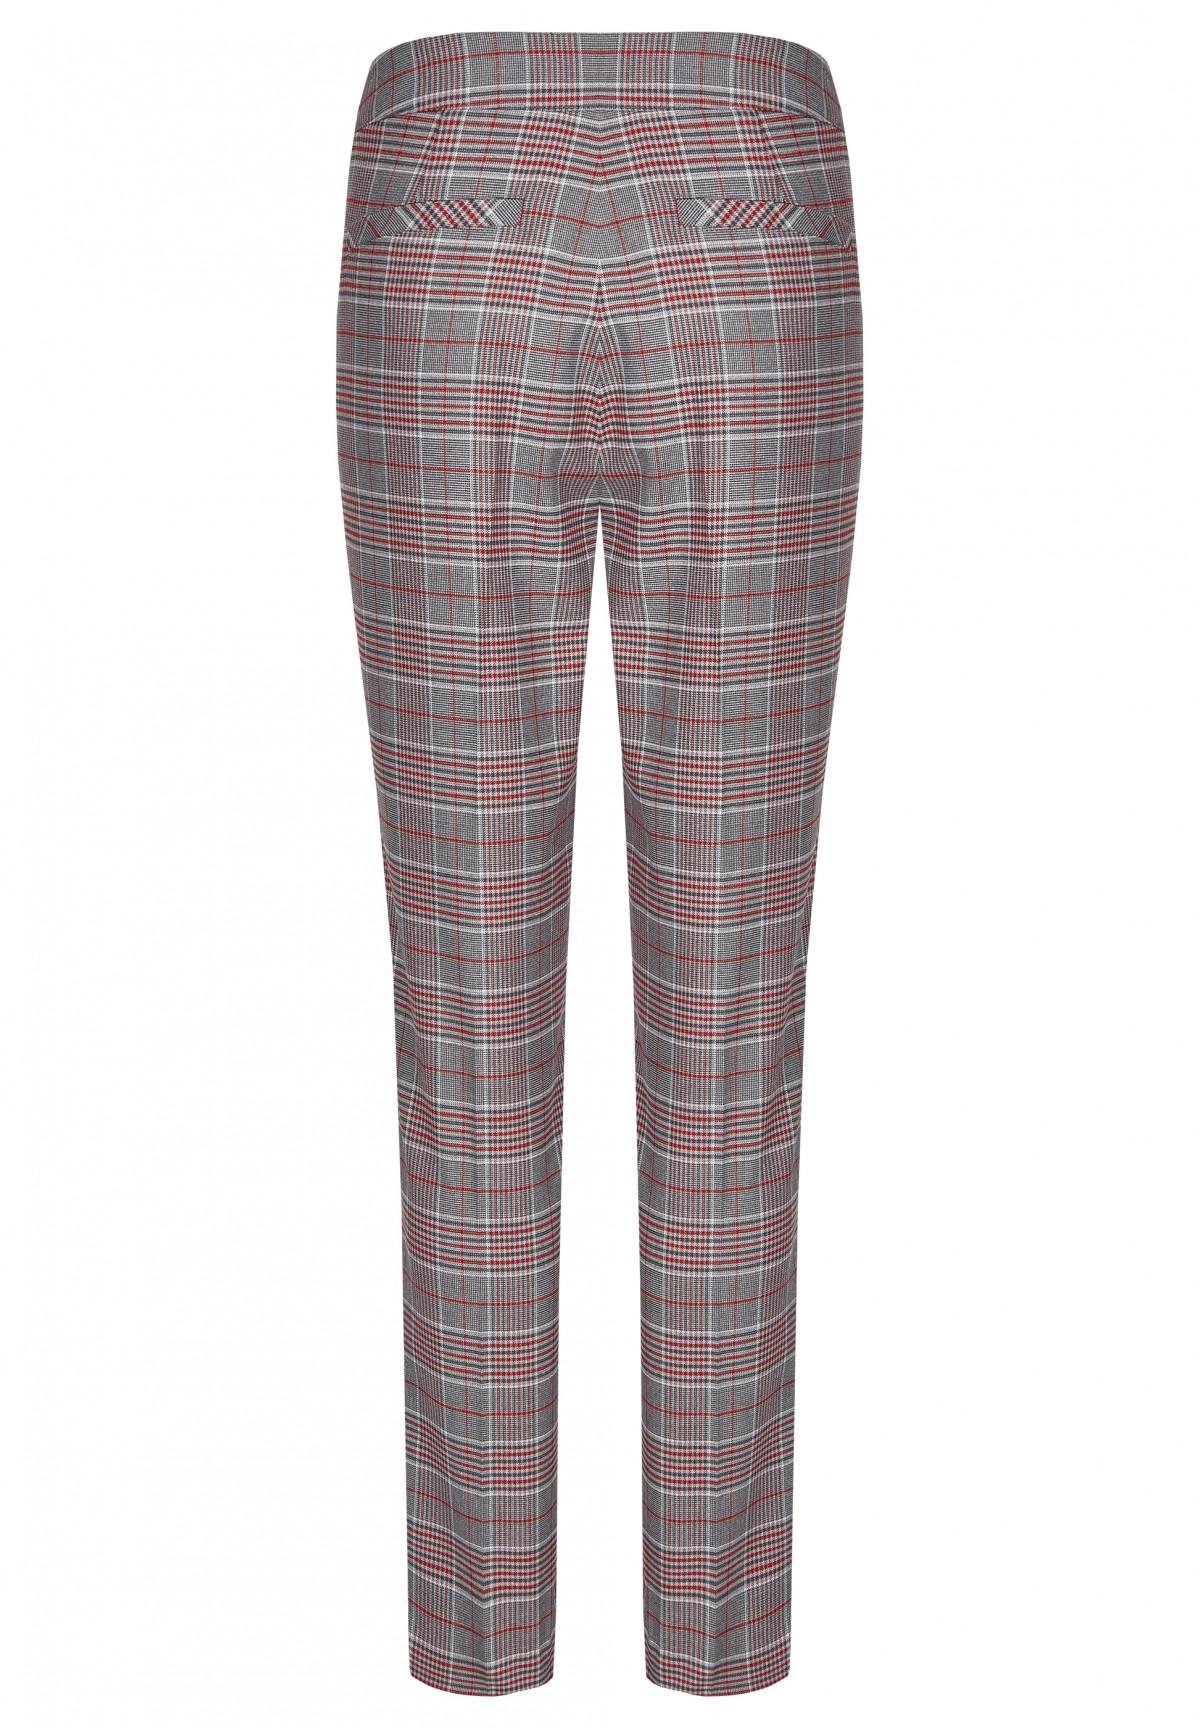 Pantalon ajusté /